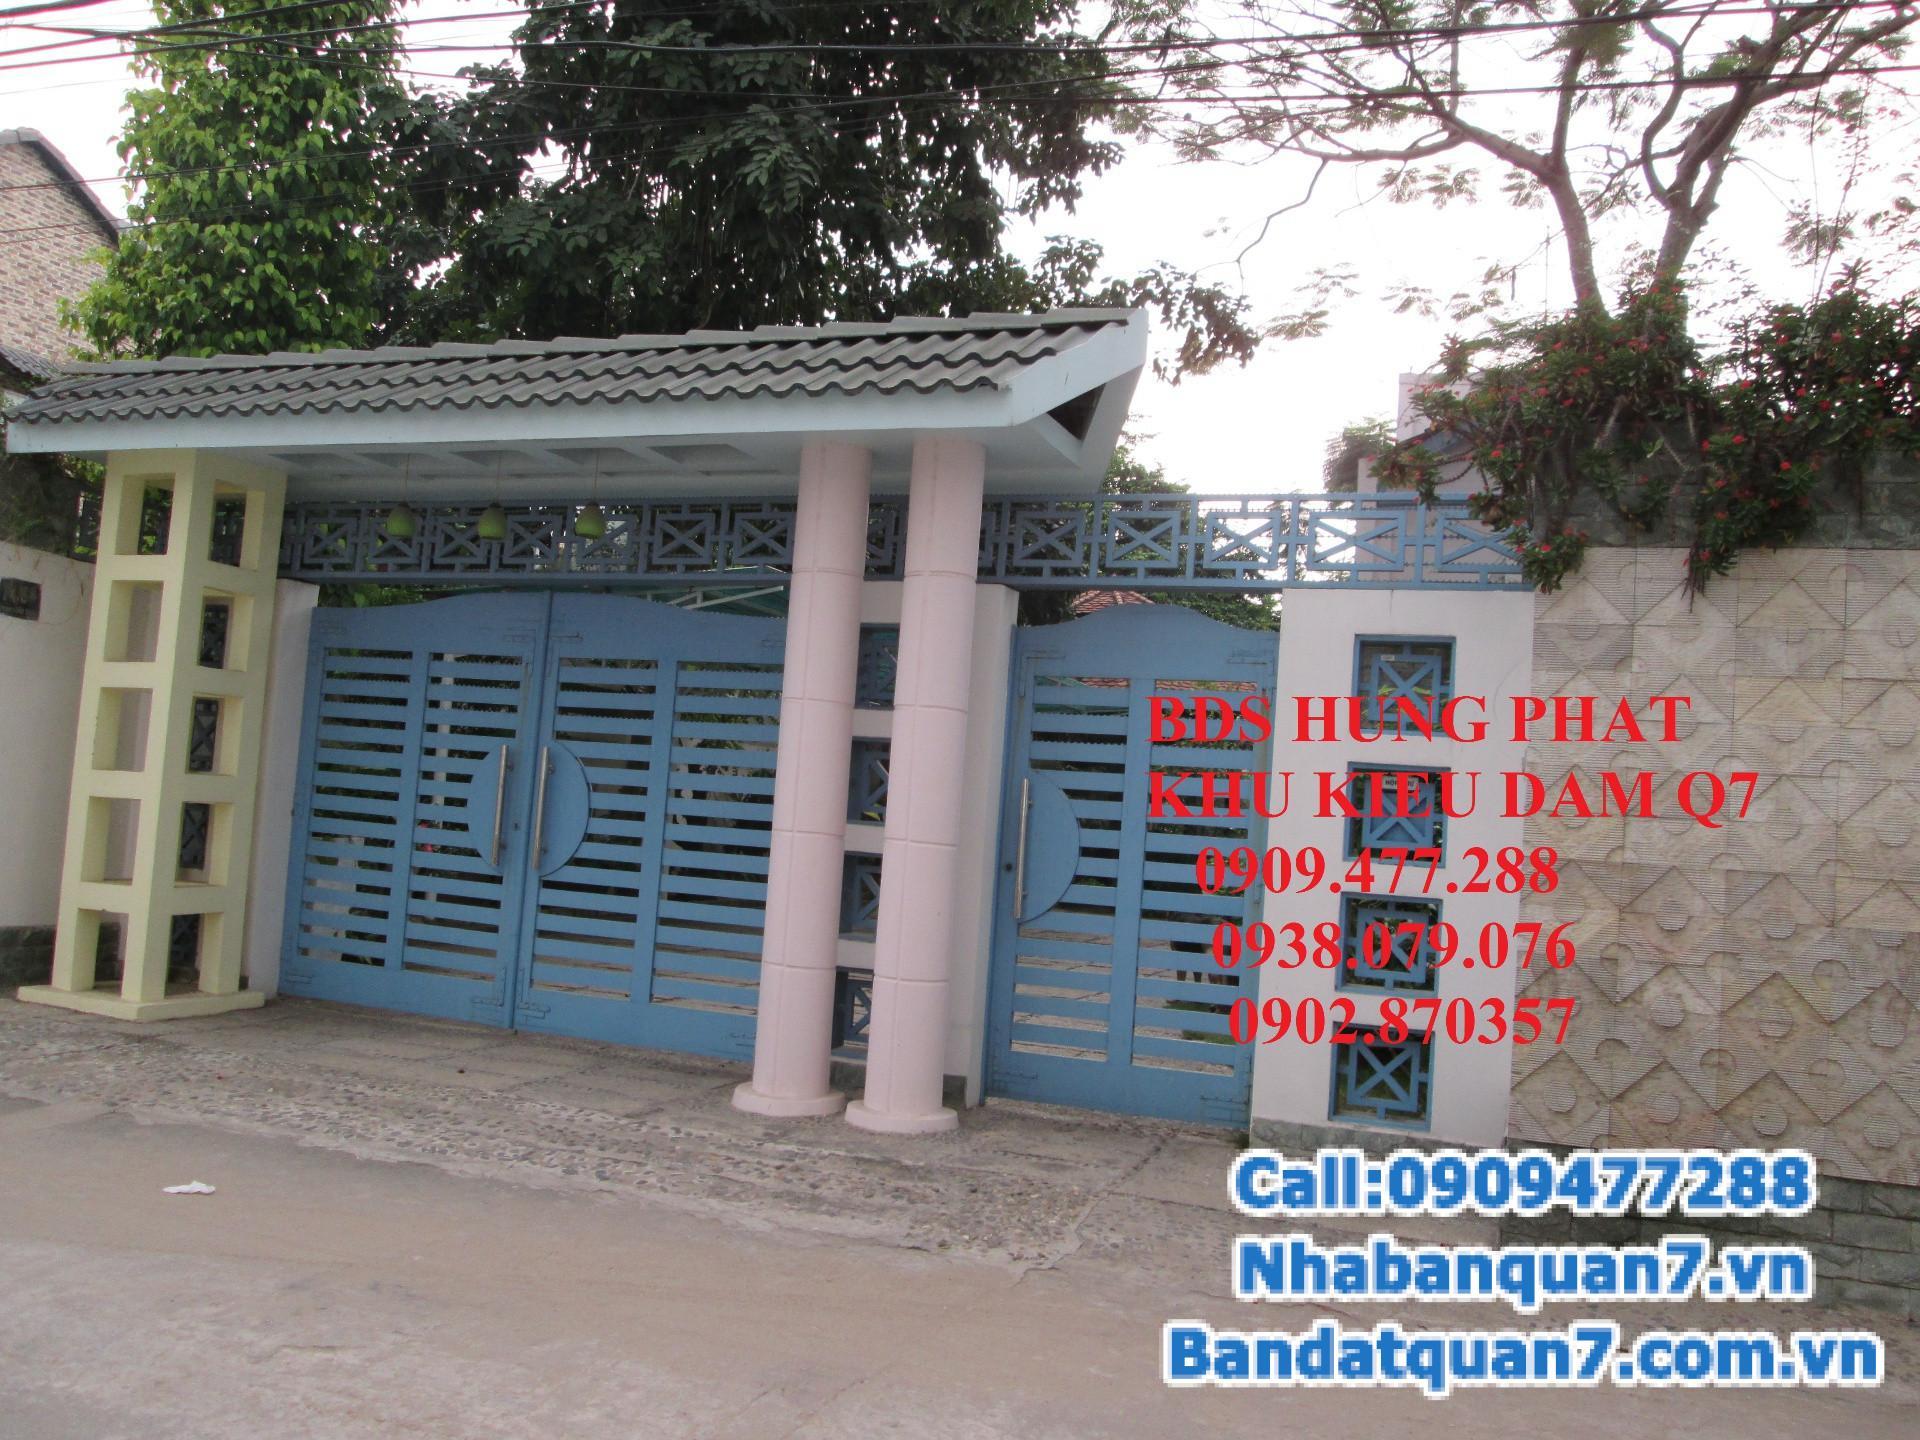 Cần bán gấp nhà biệt thự Vườn KDC Kiều Đàm, Phường Tân Hưng, Quận 7, TP.HCM.